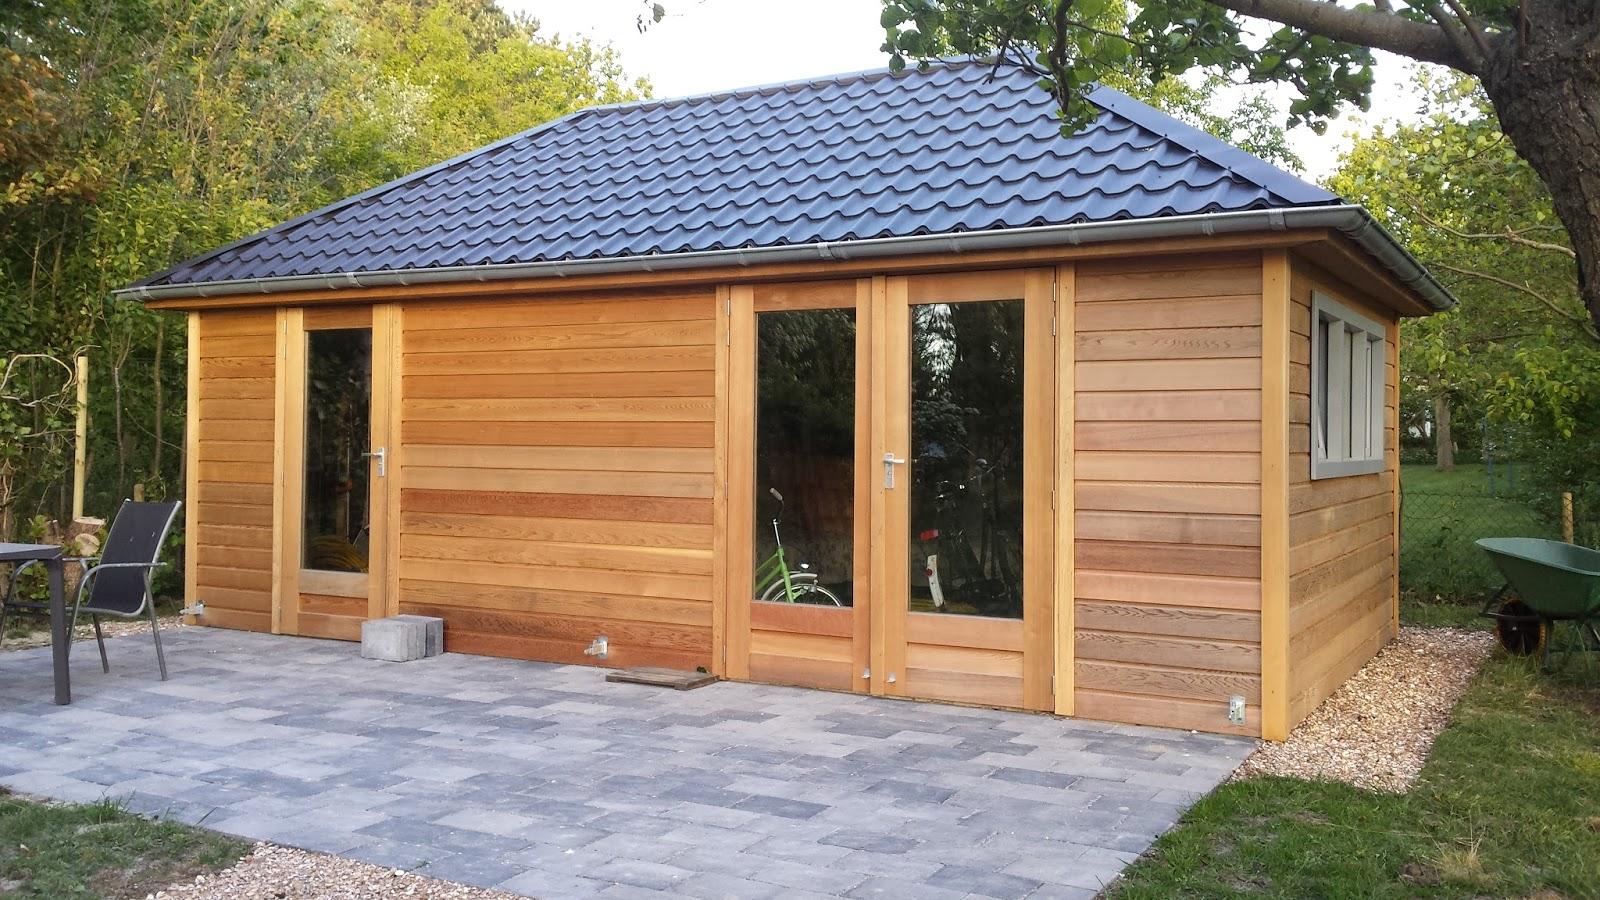 Tuinhuisjes en prieeltjes inspiratie voor het buitenleven vindt u hier - Veranda met dakpan ...